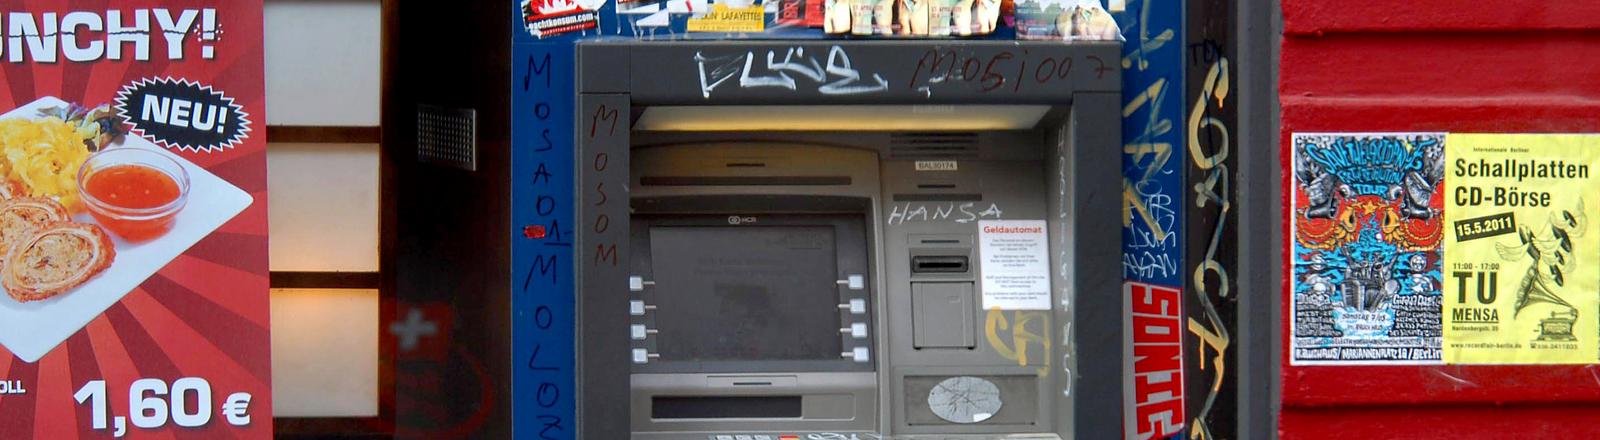 Geldautomat mit Graffitis.